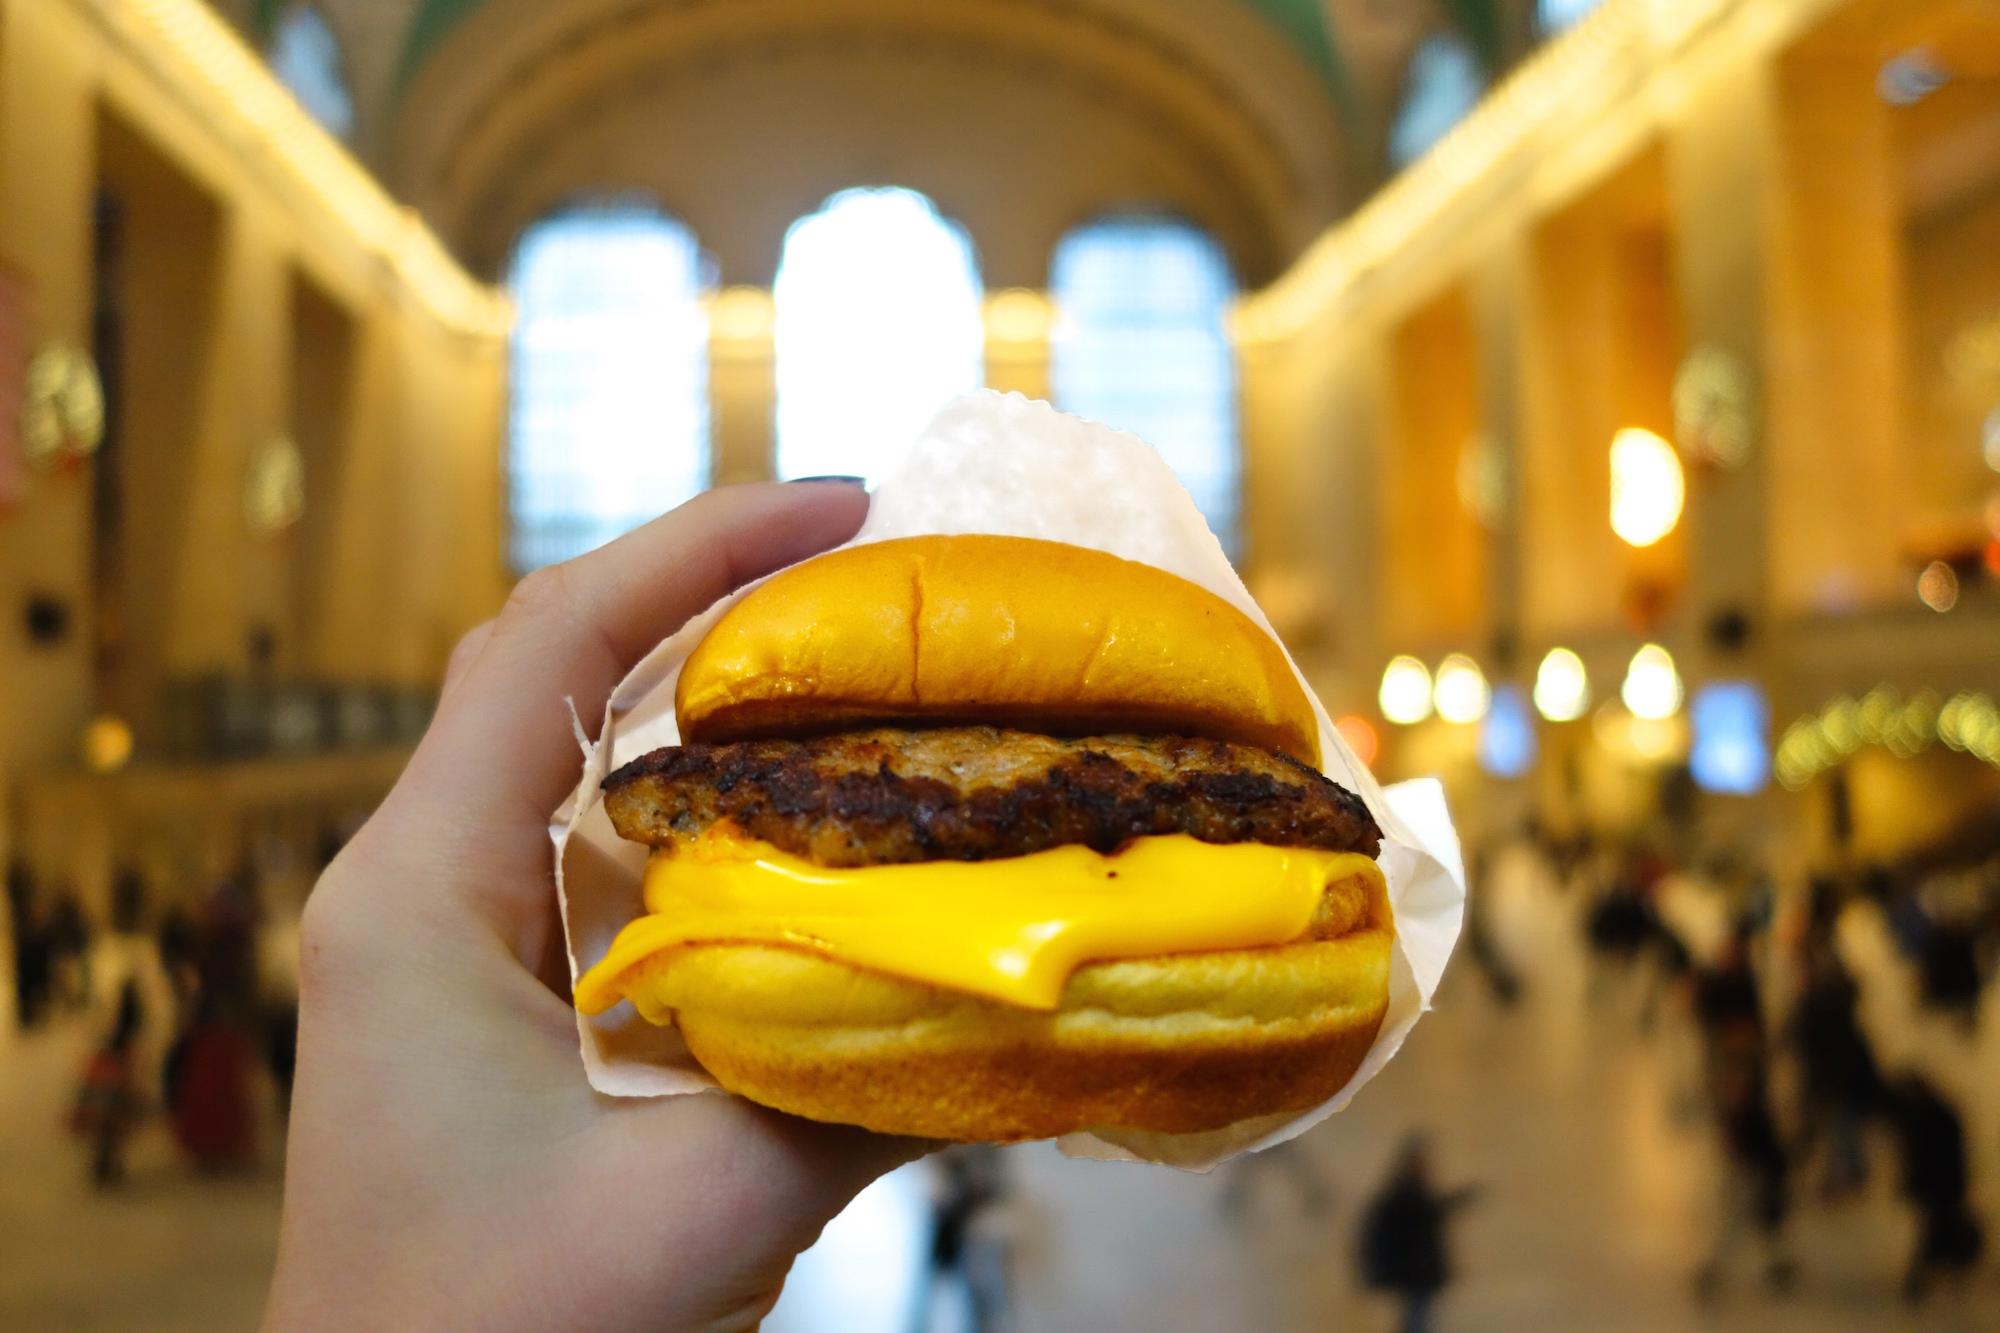 A Shake Shack cheeseburger